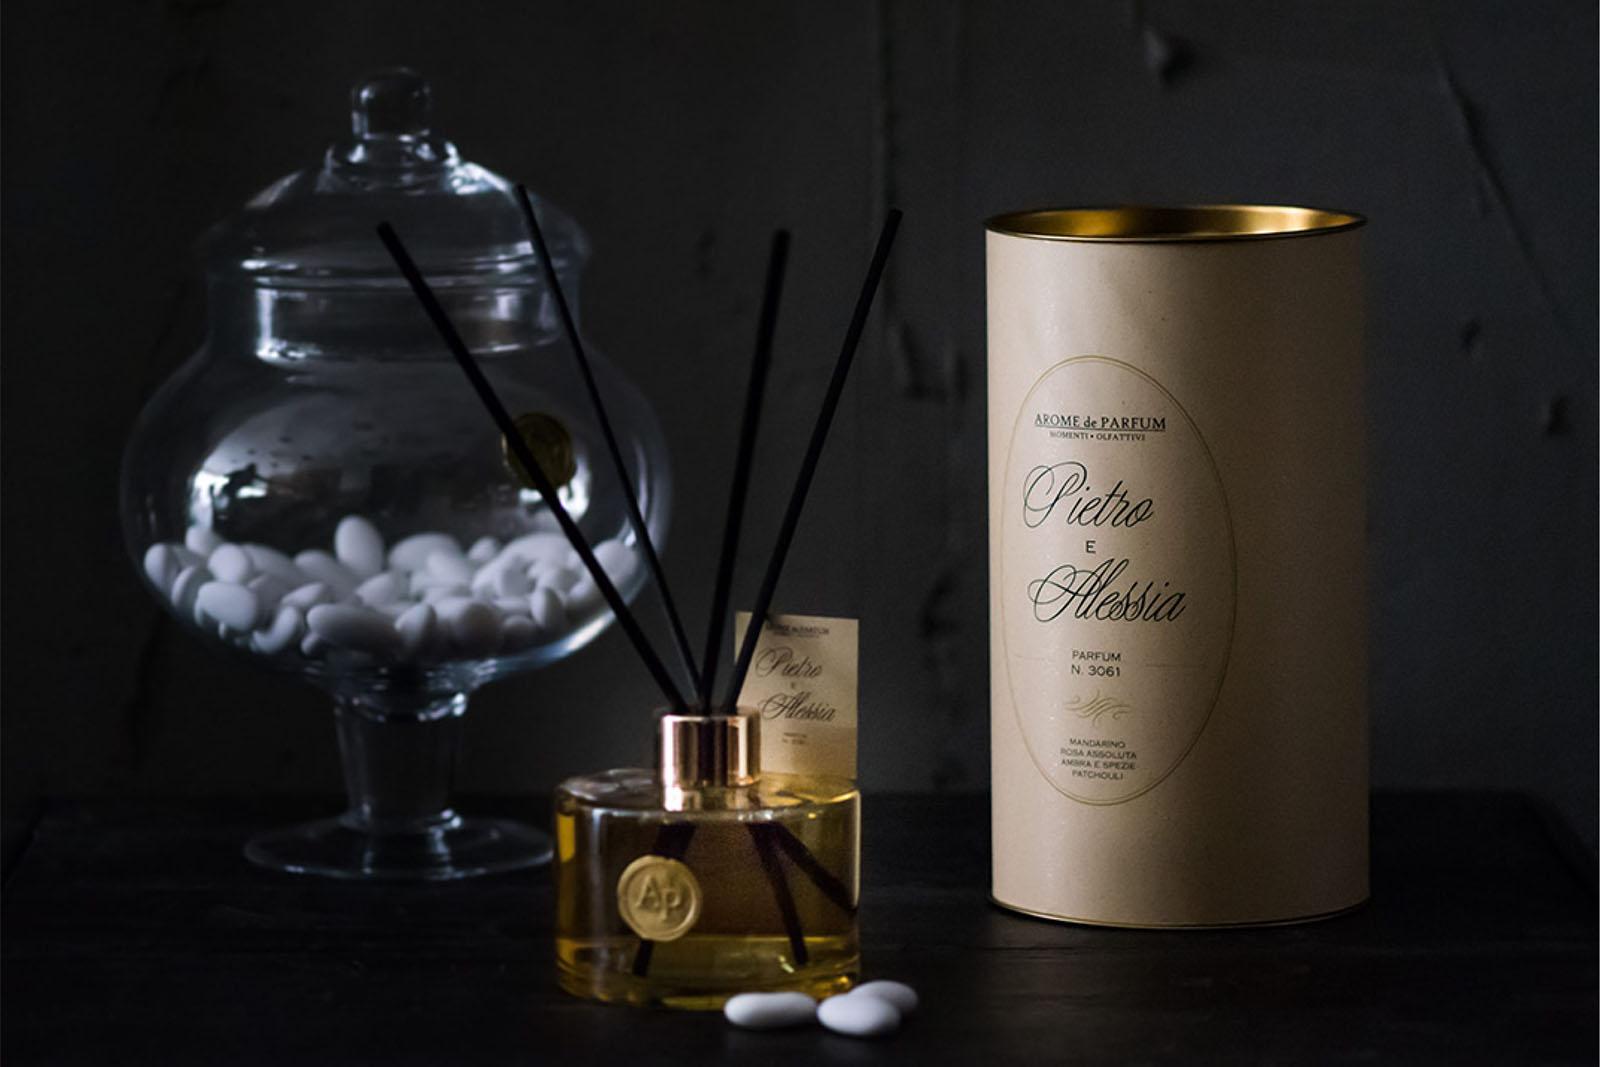 Arome de parfum, idee regalo per matrimonio, fragranze personalizzate bomboniere confetti